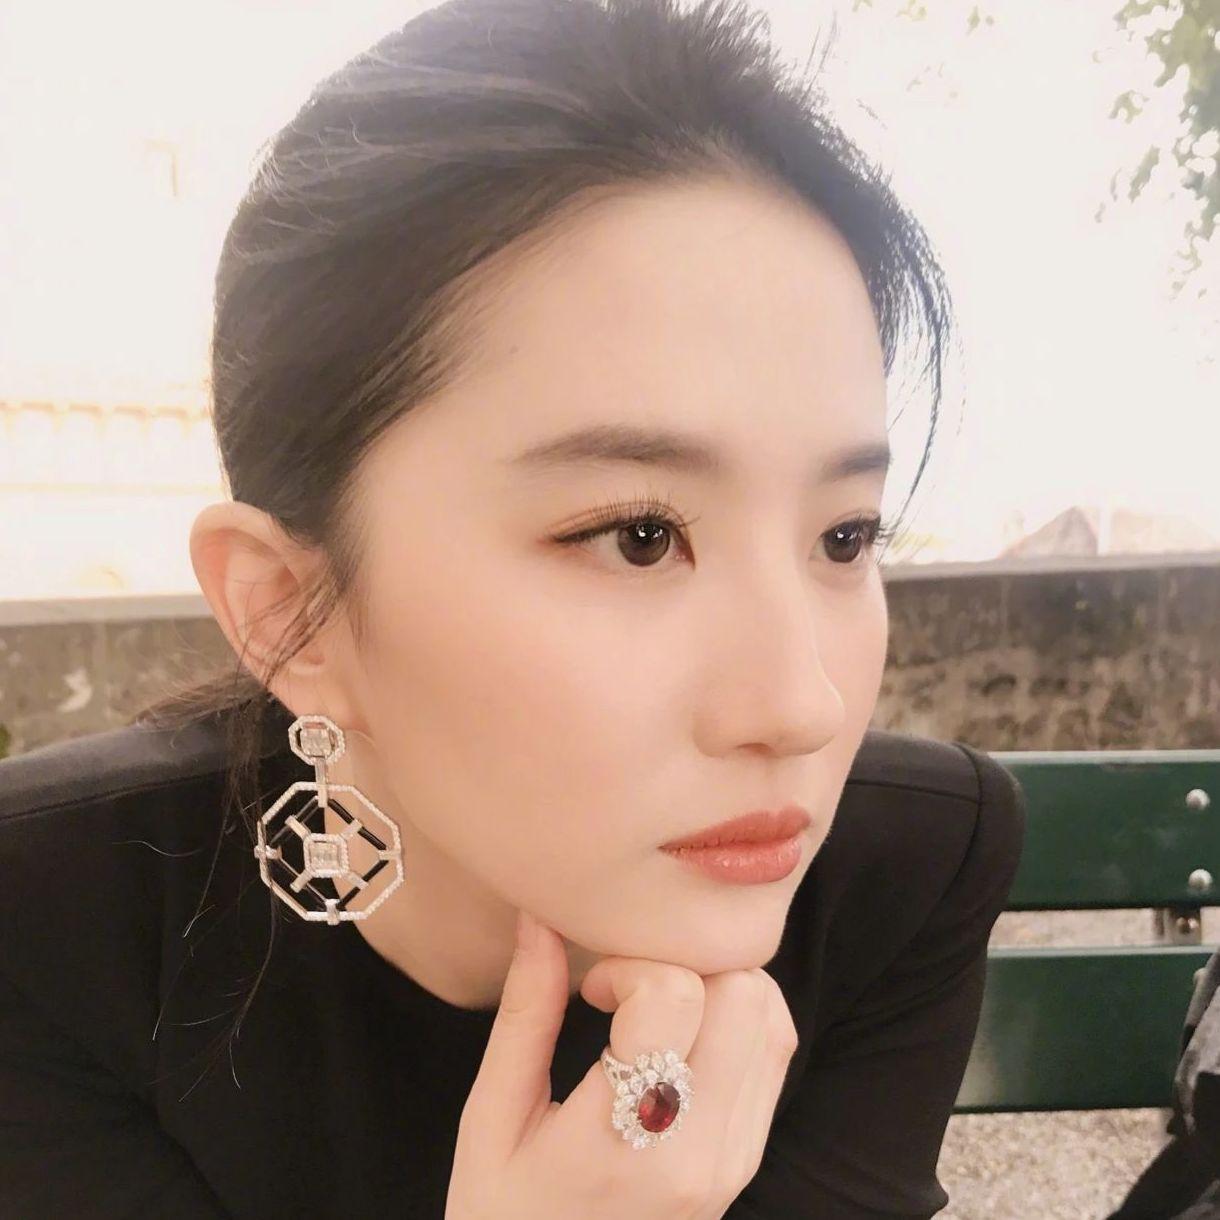 刘亦菲的神仙左侧颜太美了吧!王心凌也坚持左脸营业15年...为啥?